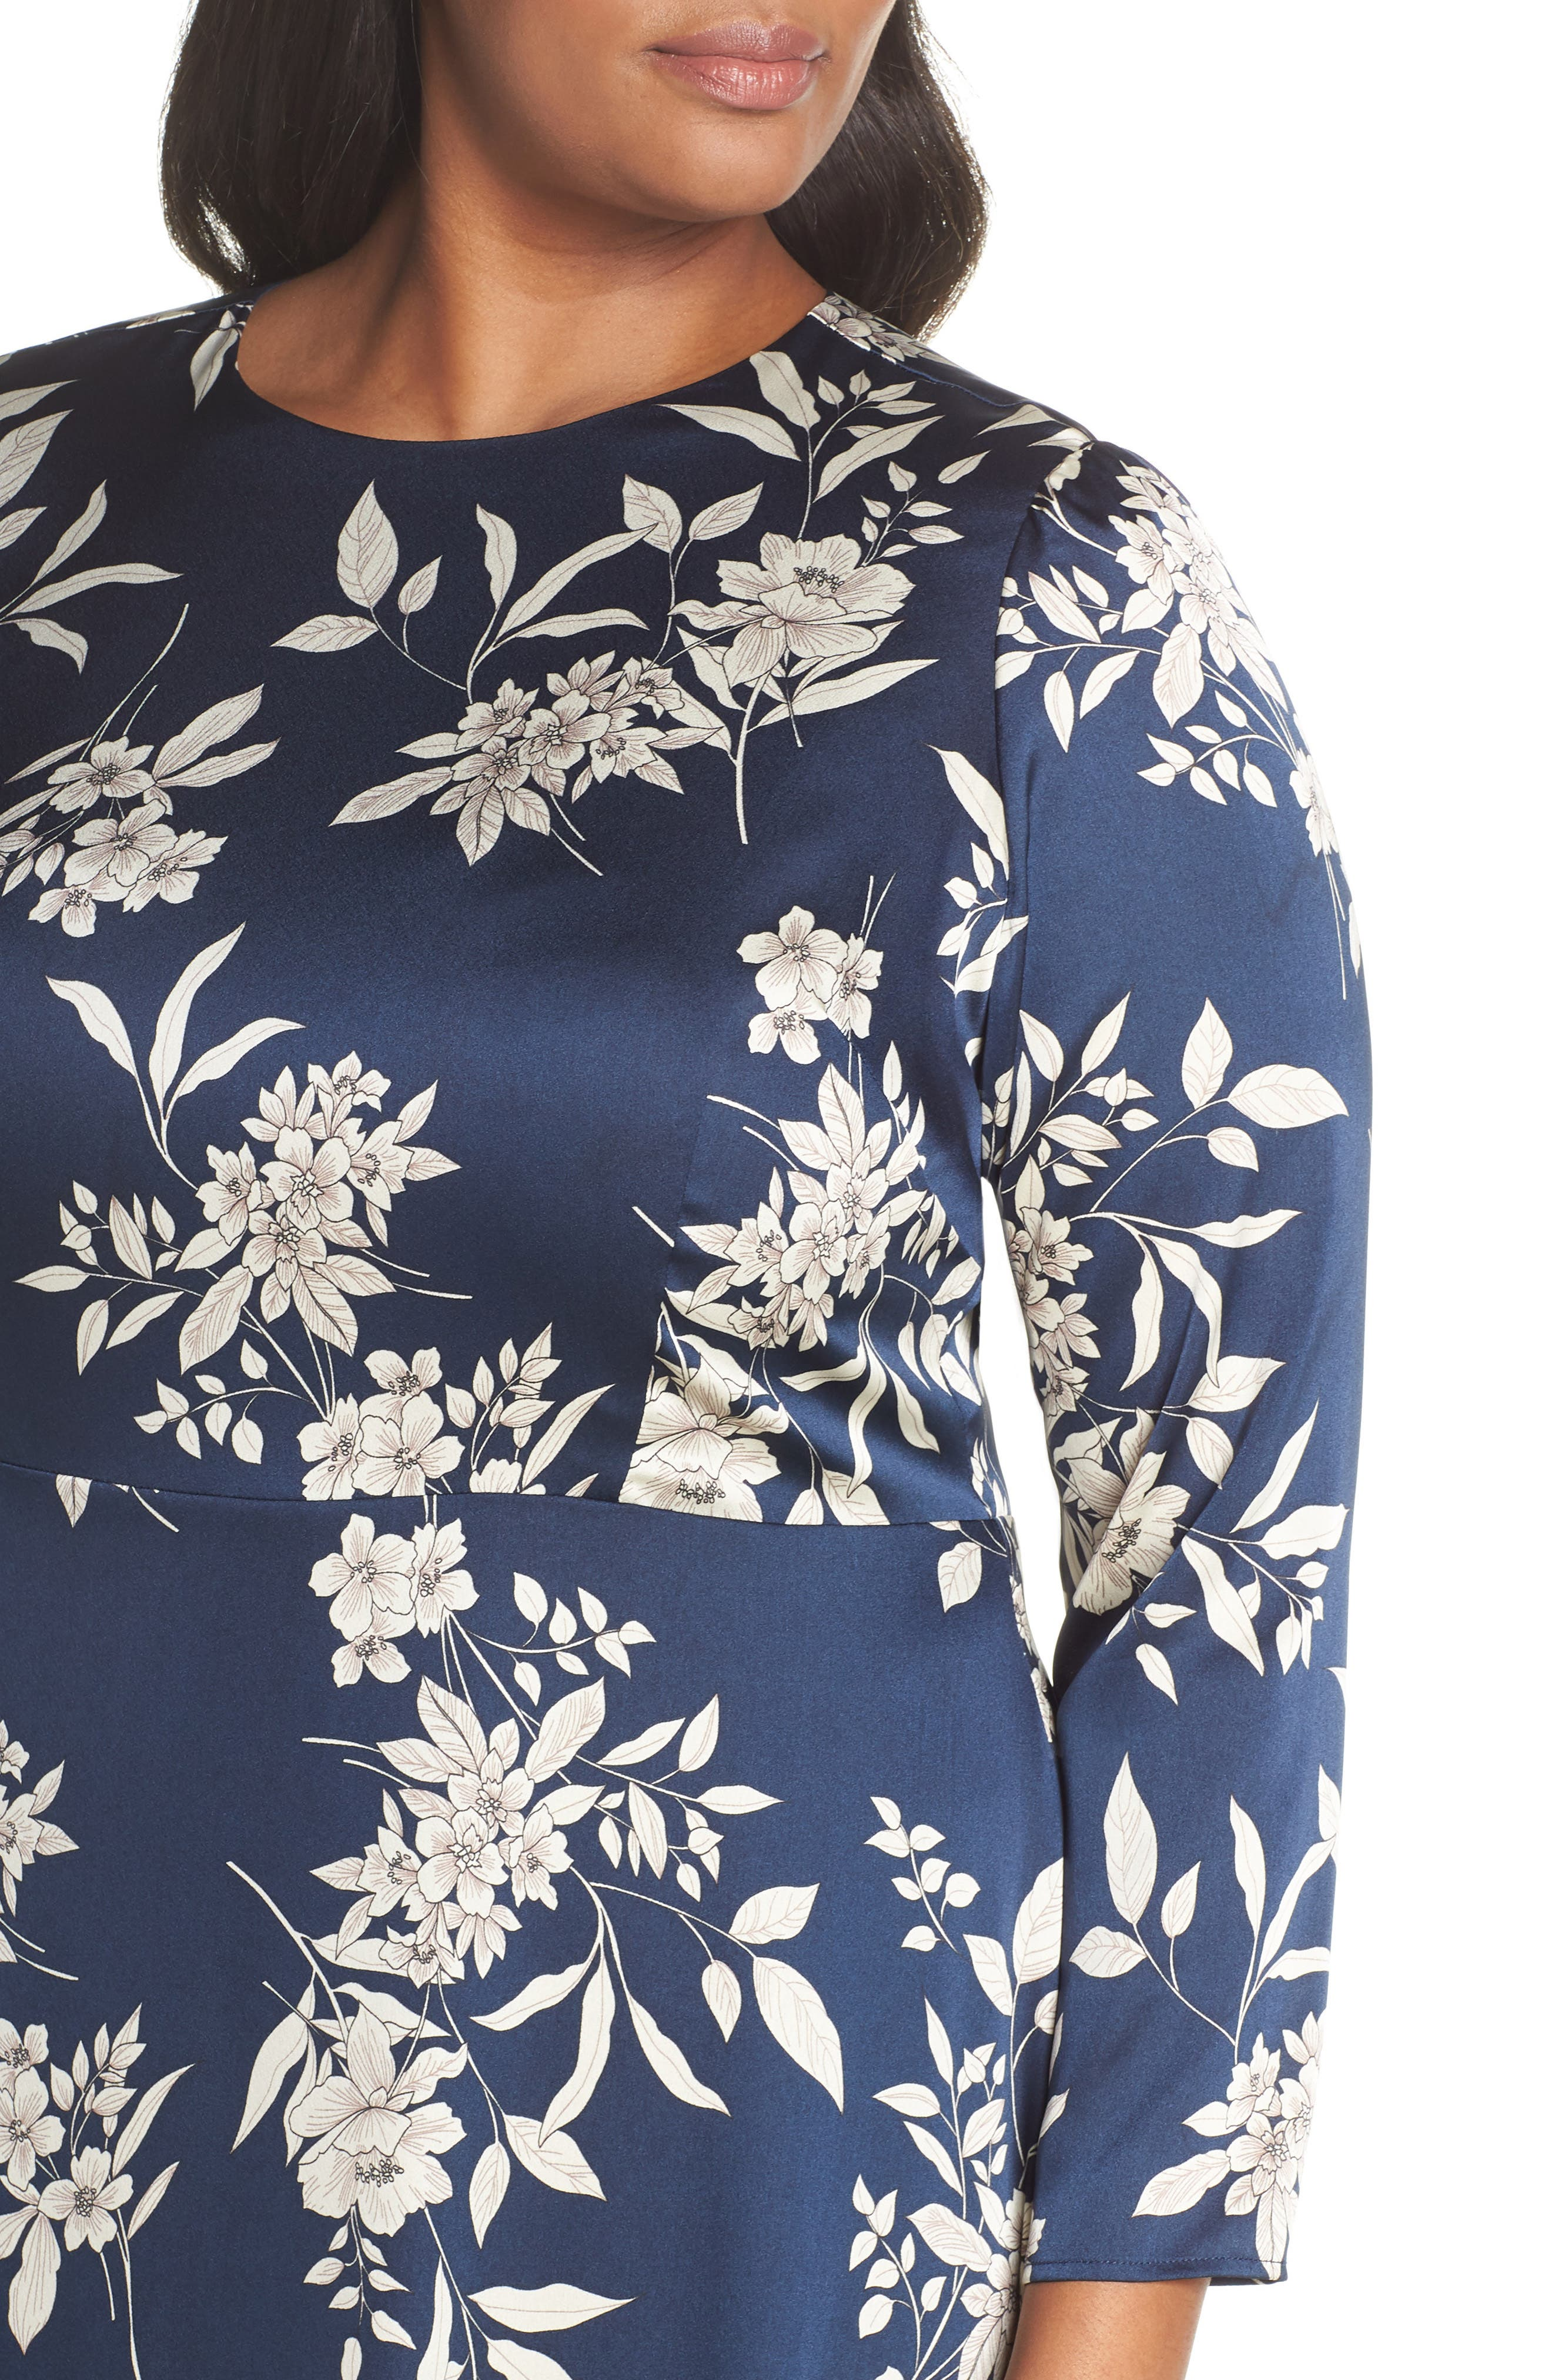 Etched Bouquet Midi Dress,                             Alternate thumbnail 4, color,                             INK BLUE